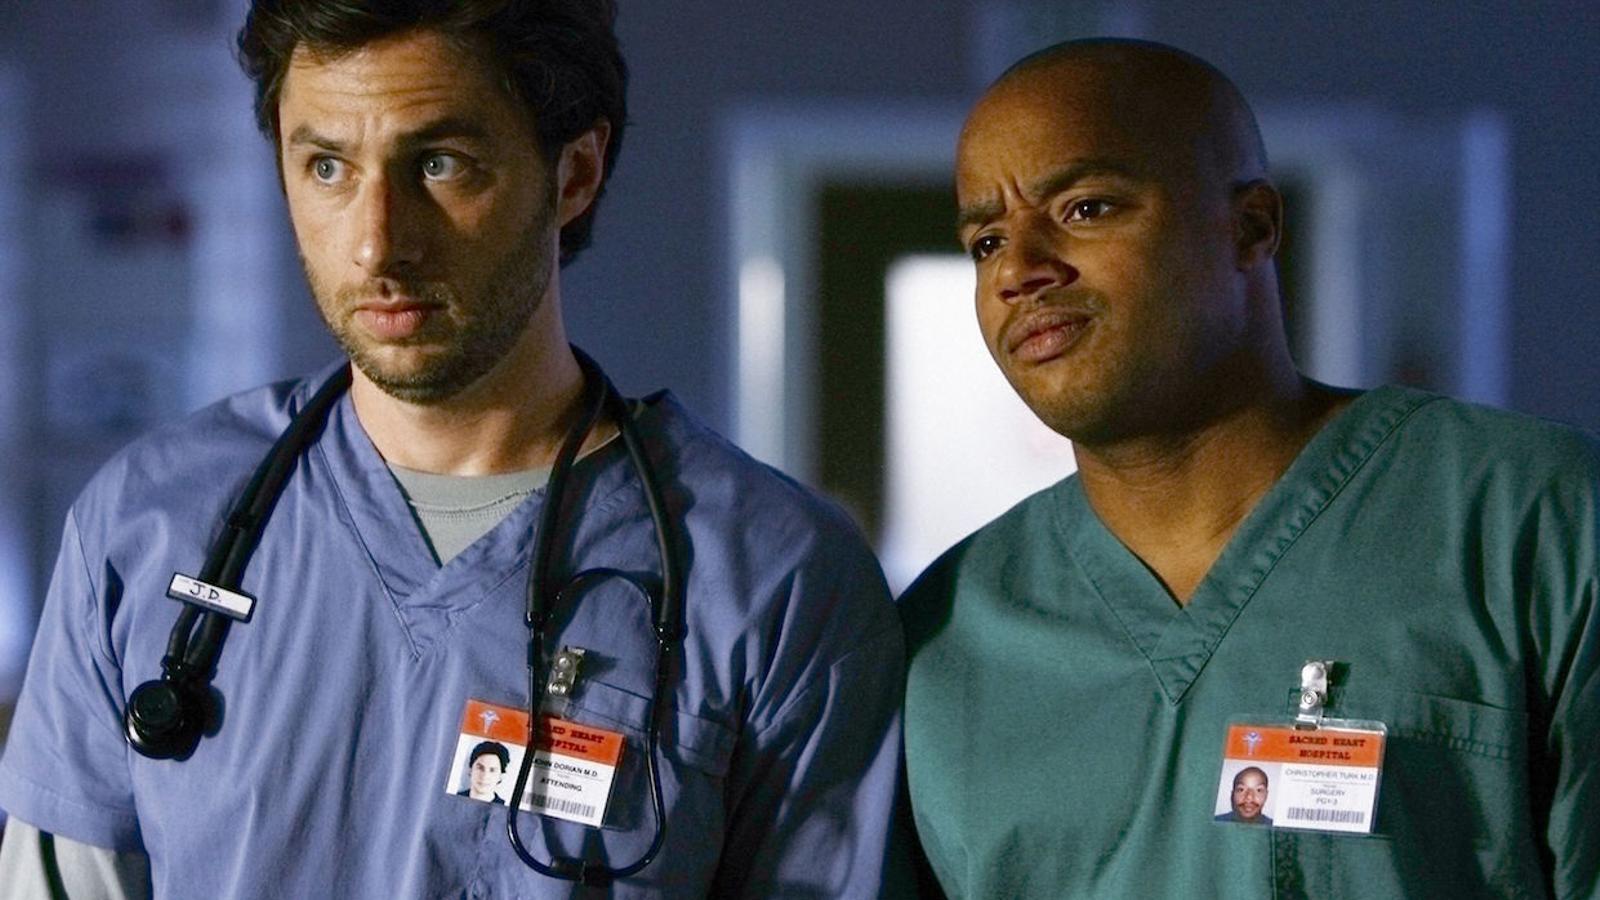 La revisió del 'blackface' s'endú també tres episodis de la sèrie 'Scrubs'